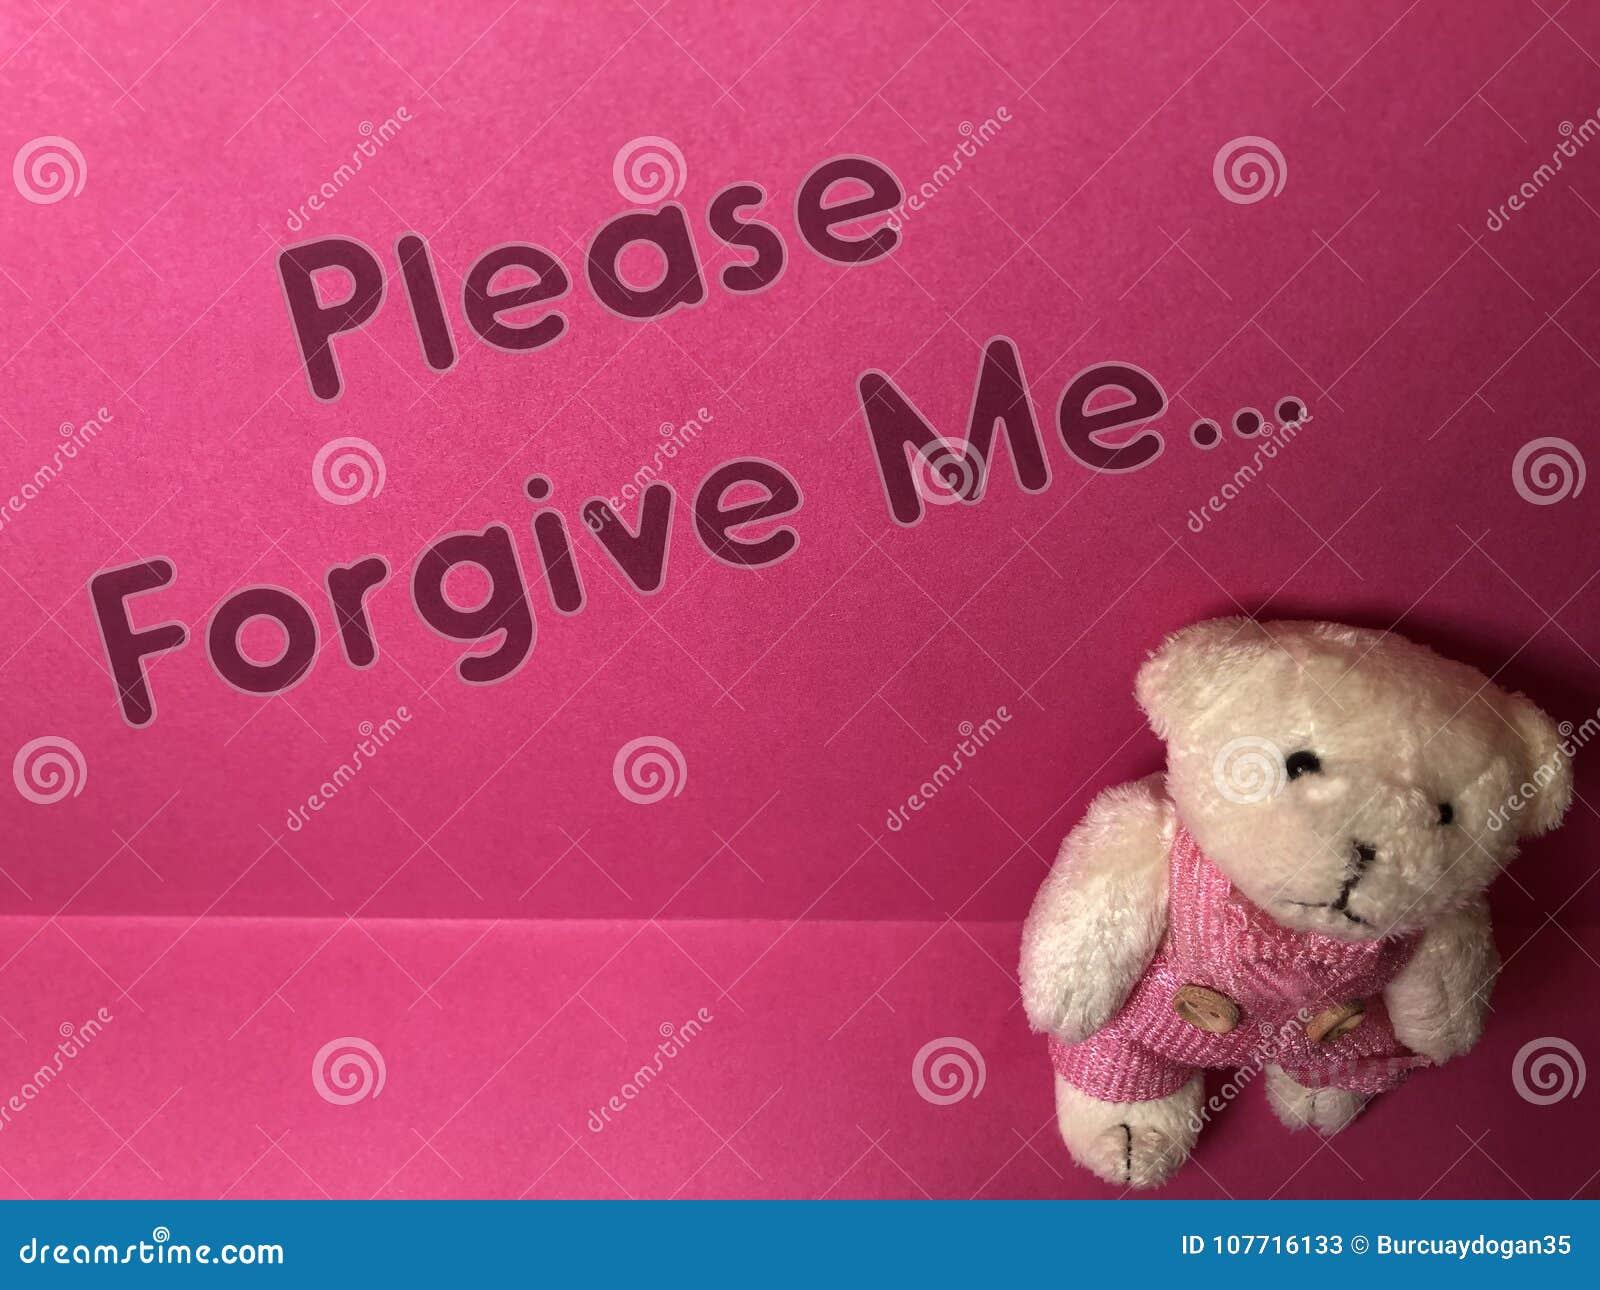 Verzeihen Sie mir der schriftlichen Anmerkung über den rosa Hintergrund mit nettem traurigem Teddybären bitte